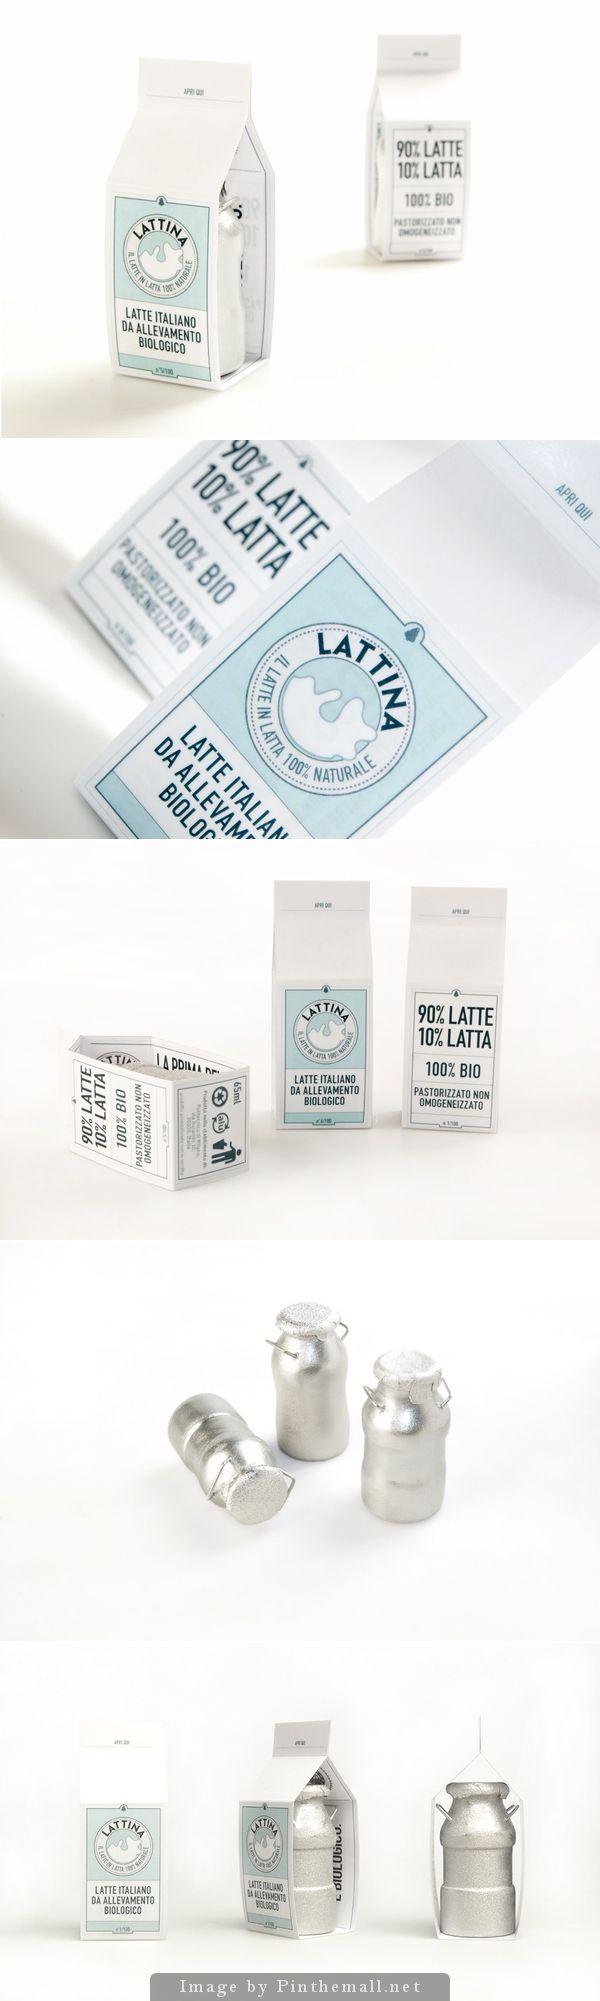 LATTINA (Latte in lattina) Milk packaging design concept PD